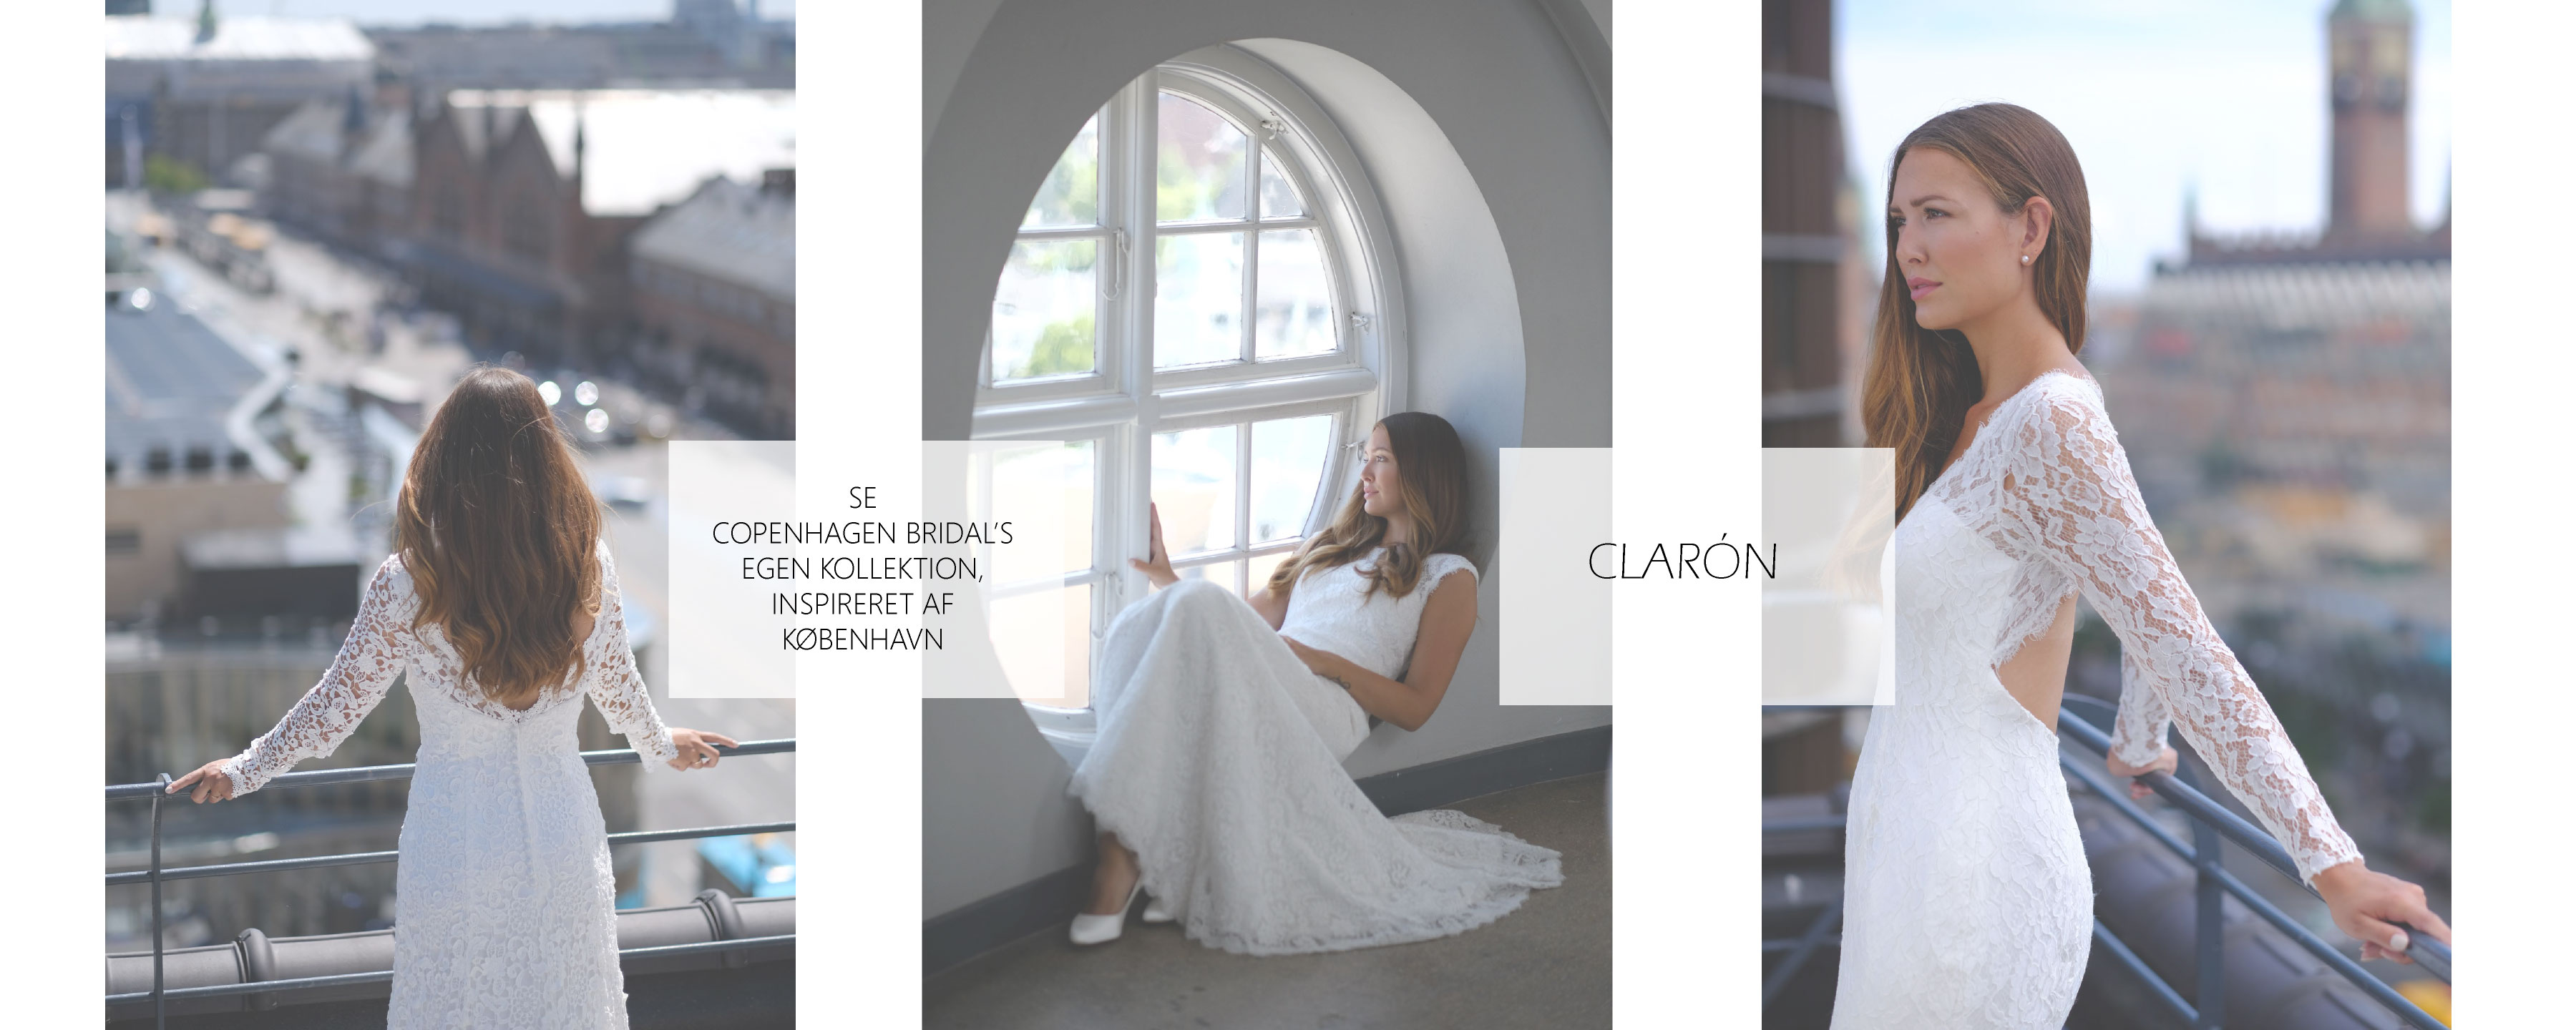 39540fb7f9c2 Brudekjoler 2018 kollektionen - Copenhagen Bridal